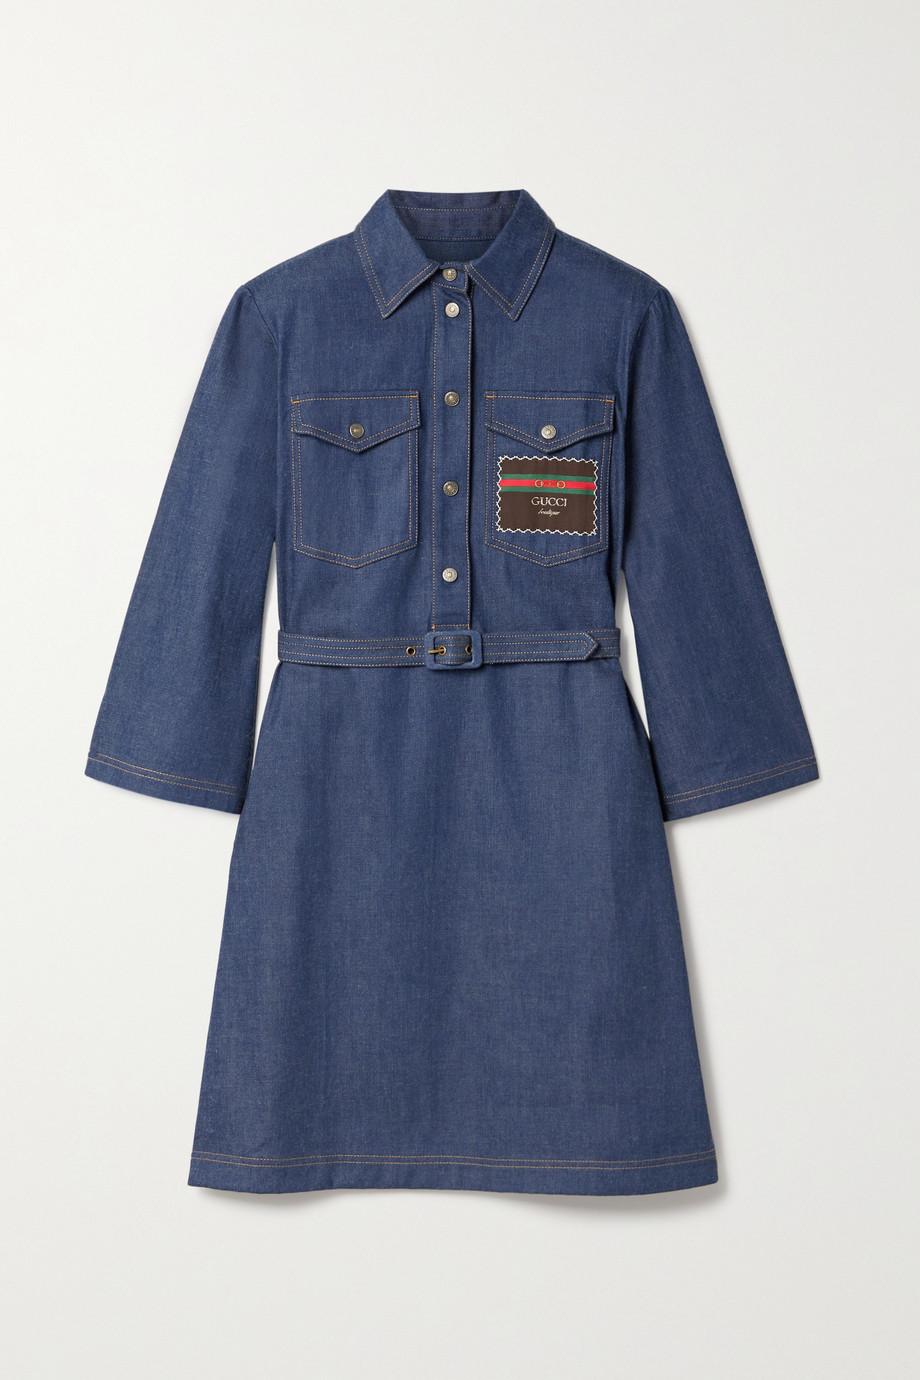 Gucci Kleid aus Denim mit Applikation und Gürtel